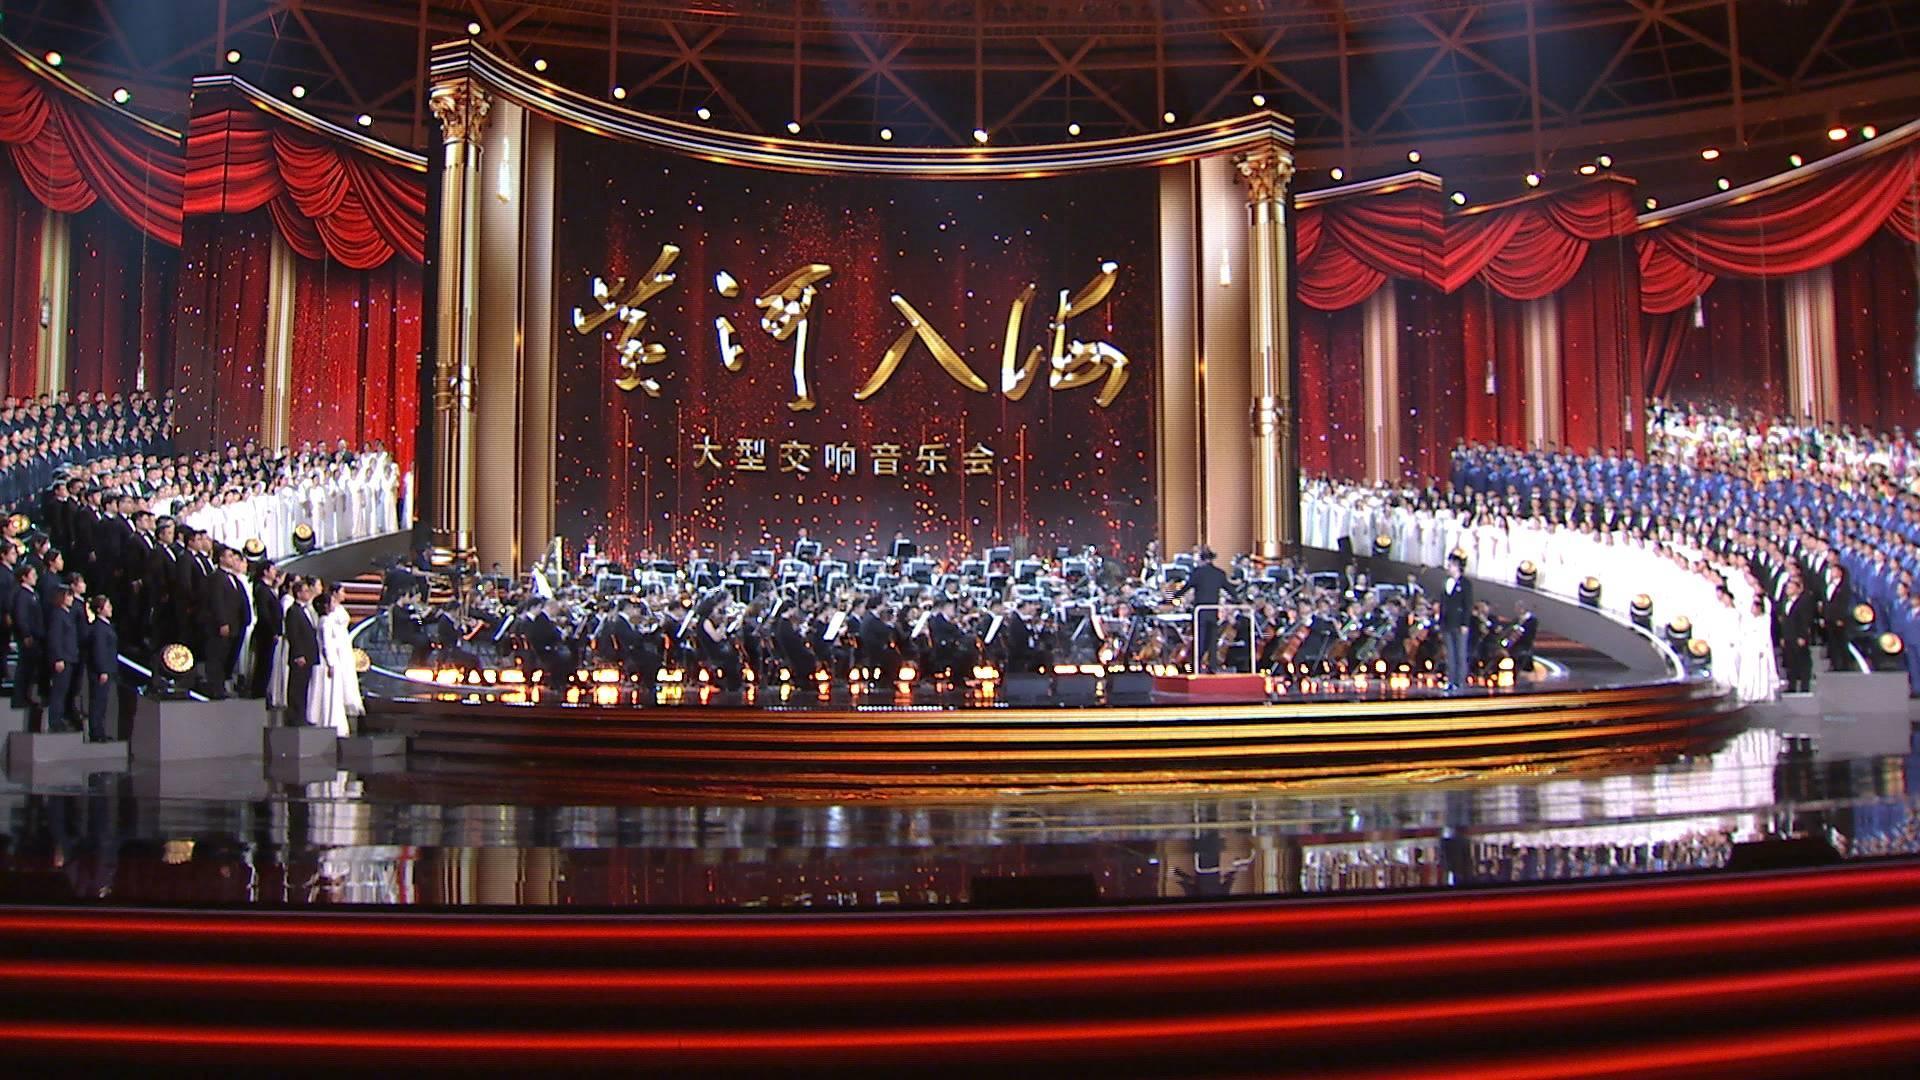 35秒丨唱响新时代强音!《黄河入海》大型交响音乐会完成最后一场彩排